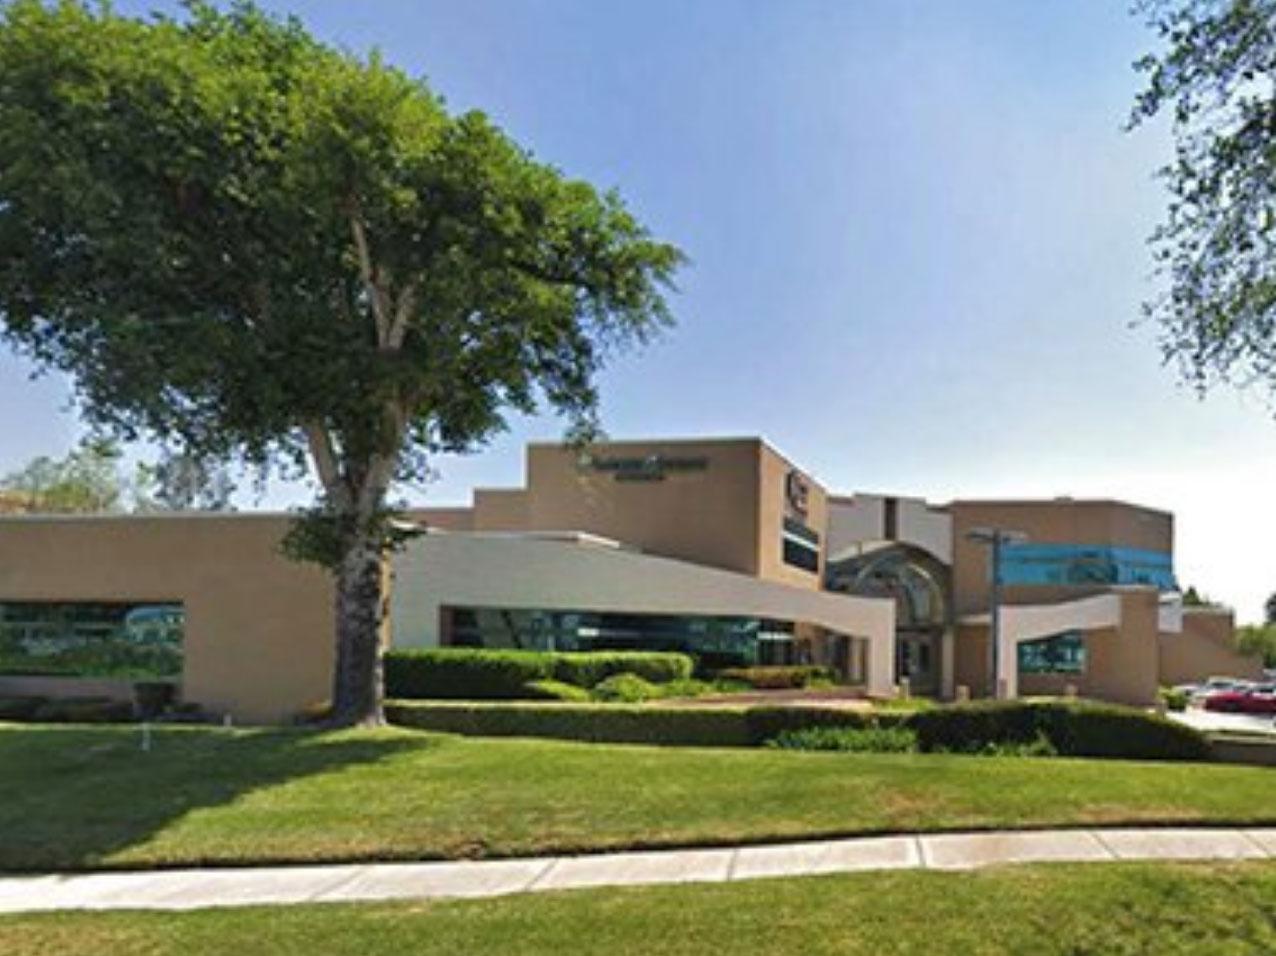 ADHI Schools Rancho Cucamonga Real Estate School Building